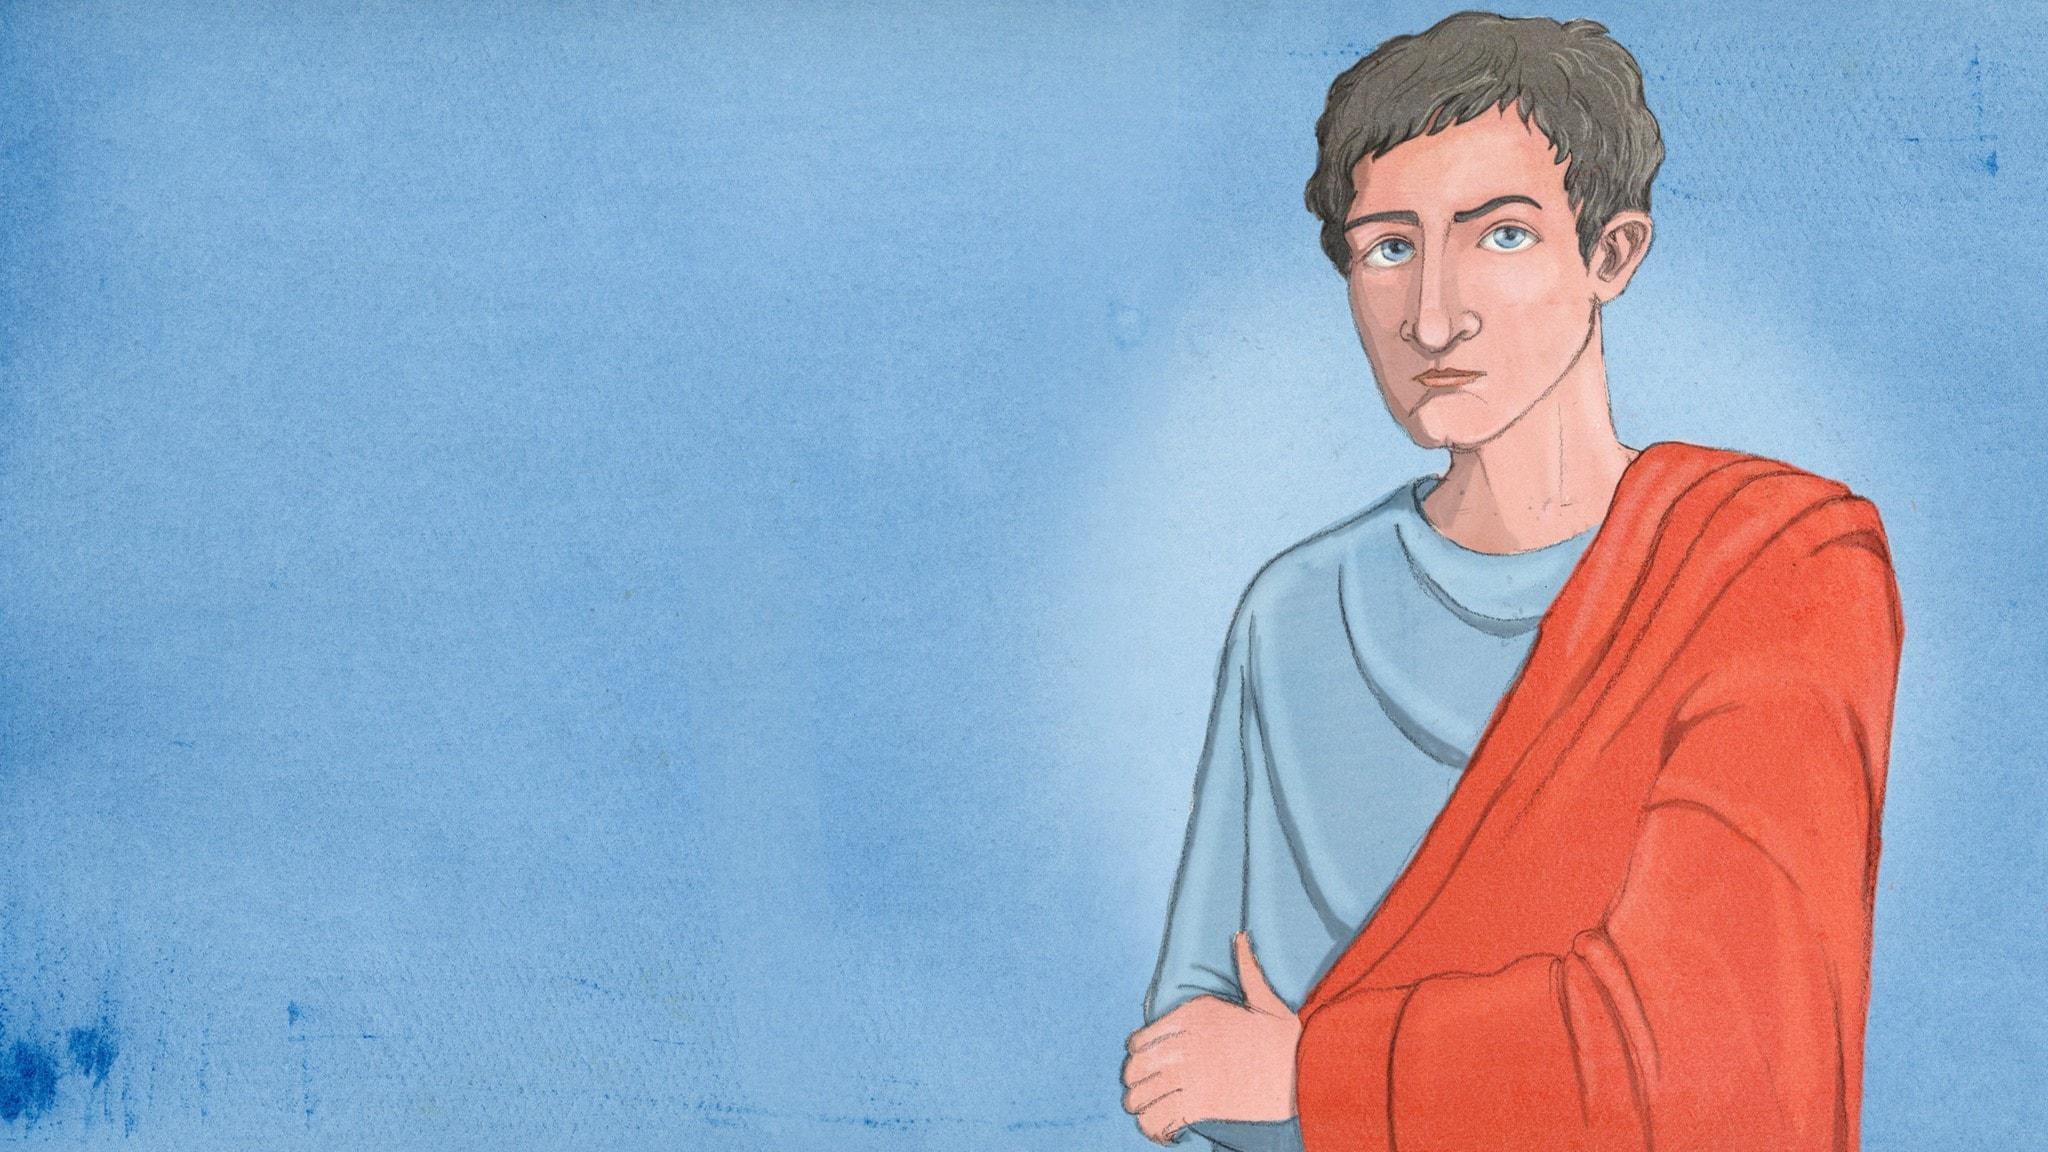 Caligula - romarnas favoritkille som blev till galen kejsare - spela